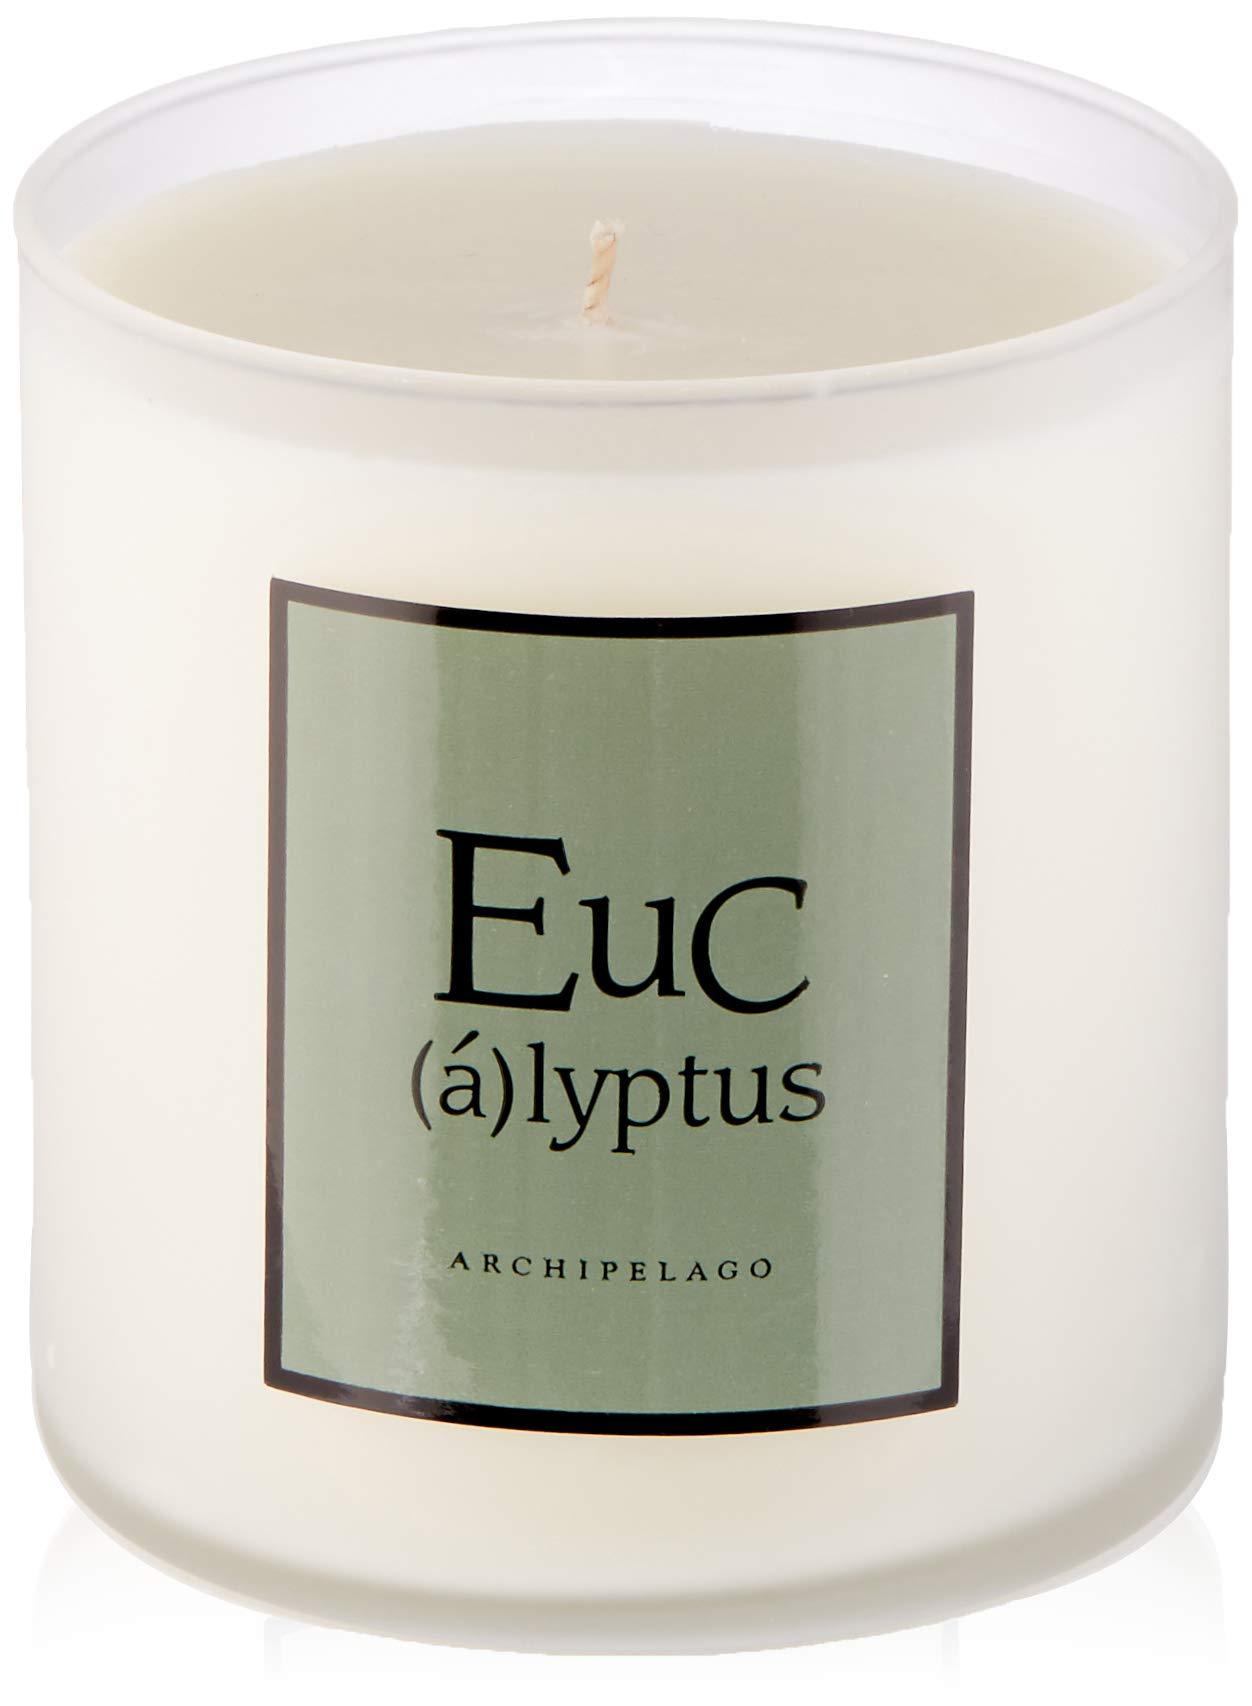 Archipelago Eucalyptus Soy Candle by Archipelago Botanicals